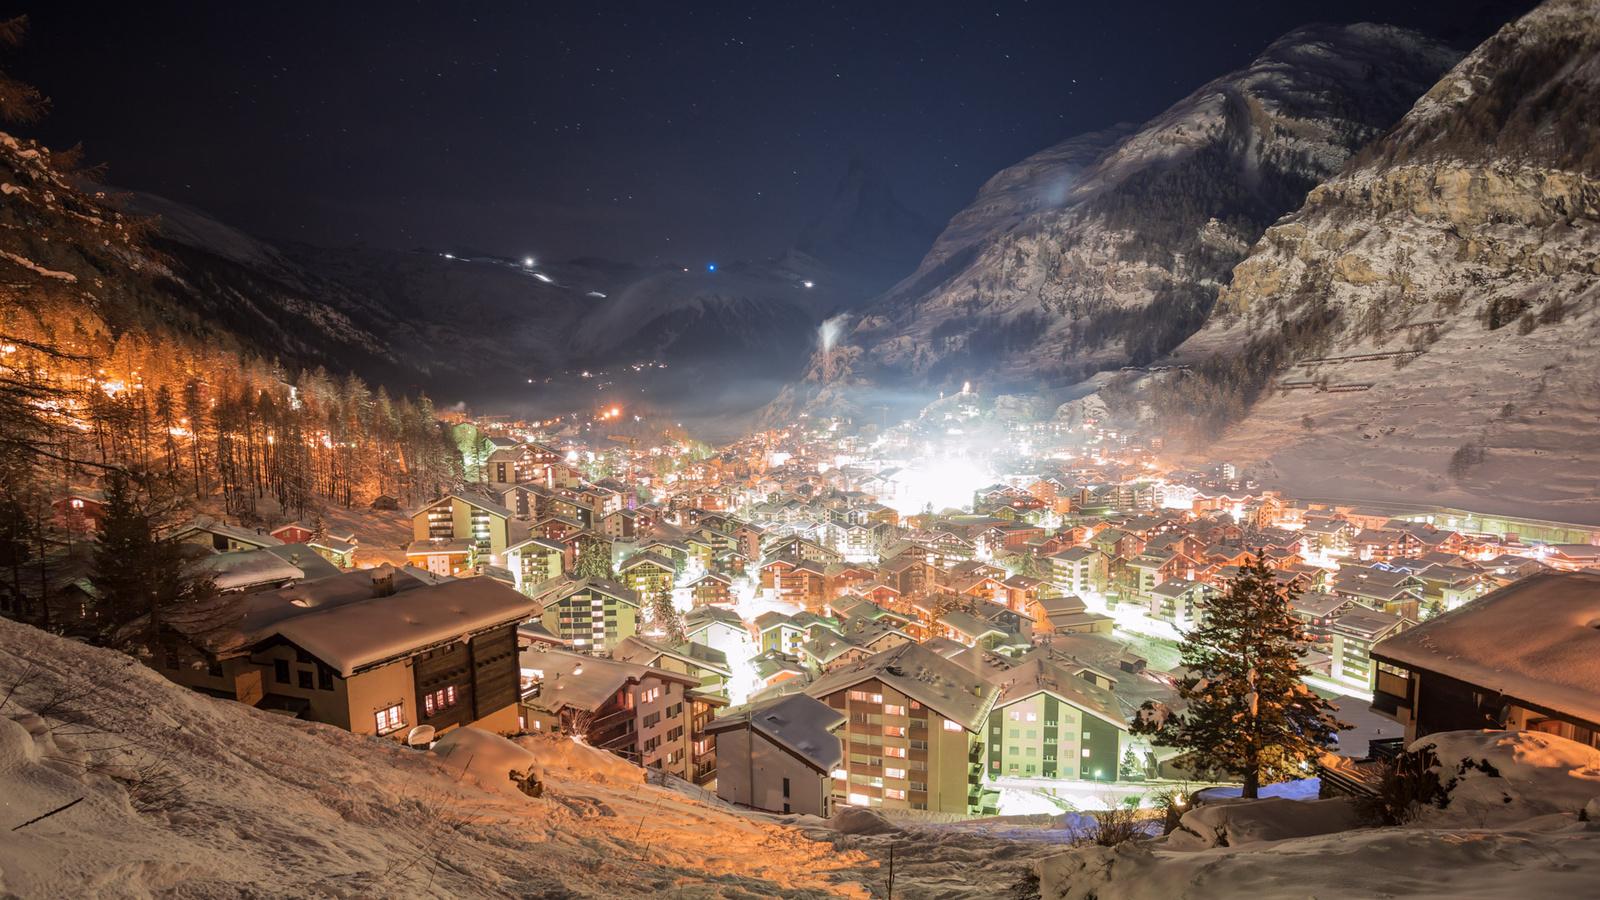 швейцария, городок, ночь, зима, огни, снег, горы, ущелье, новый год